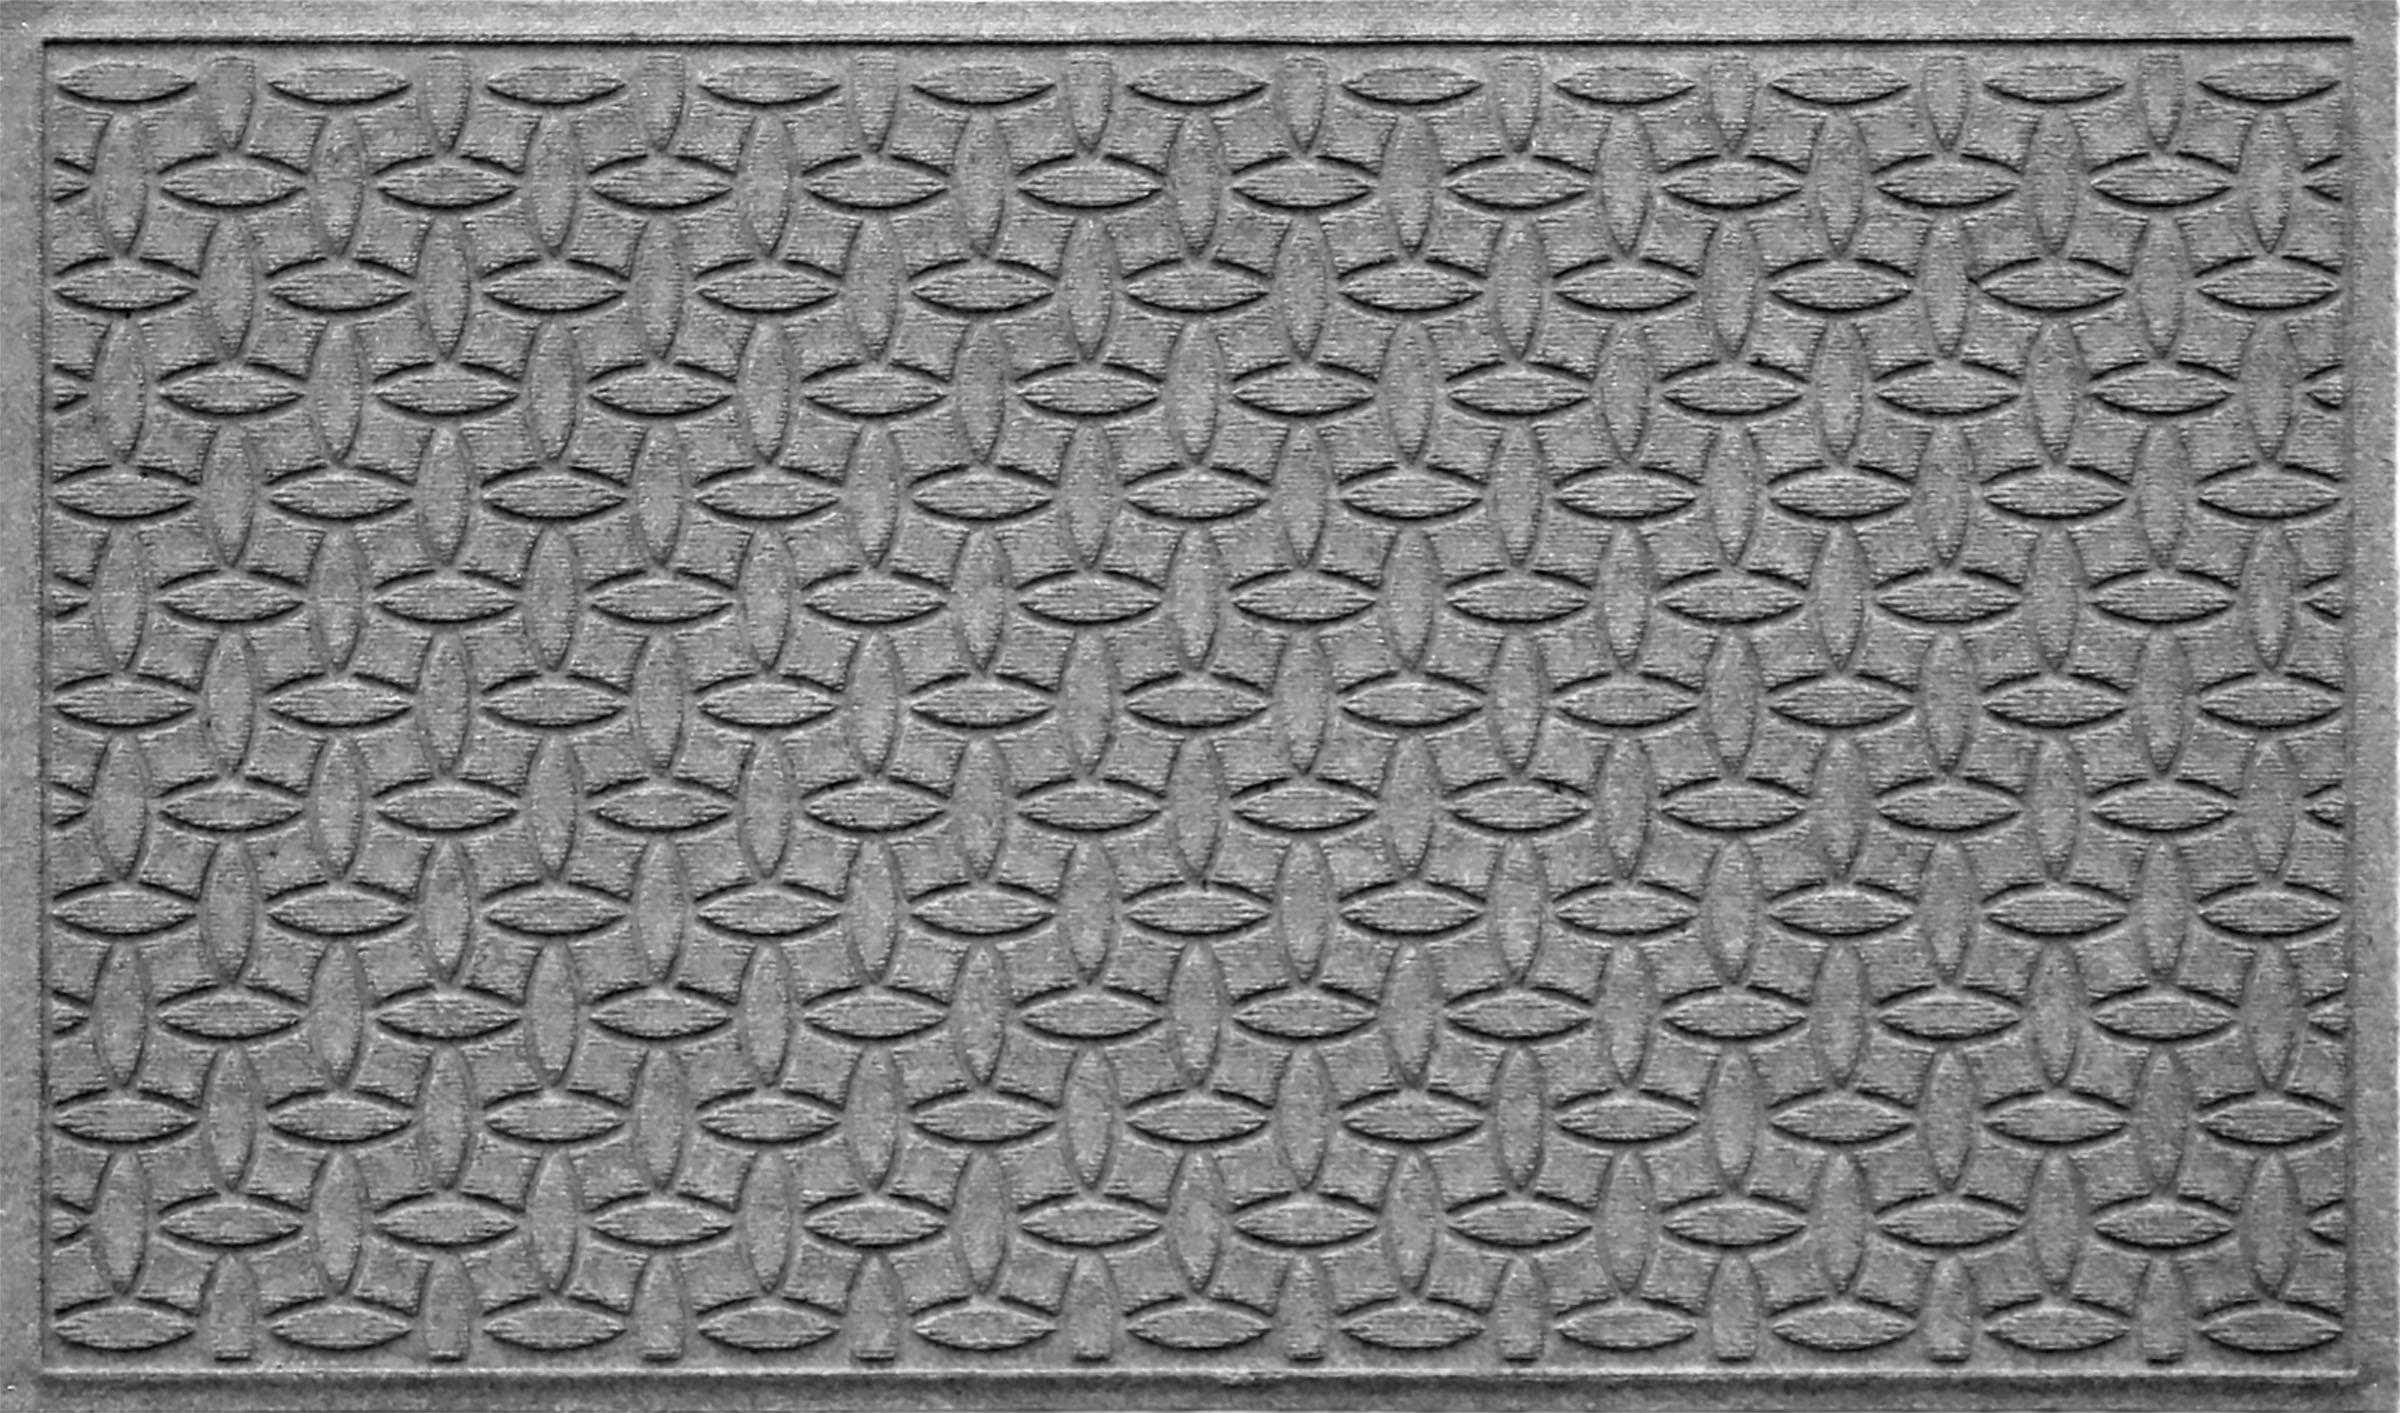 Bungalow Flooring Waterhog Indoor/Outdoor Doormat, 3' x 5', Skid Resistant, Easy to Clean, Catches Water and Debris, Ellipse Collection, Medium Grey